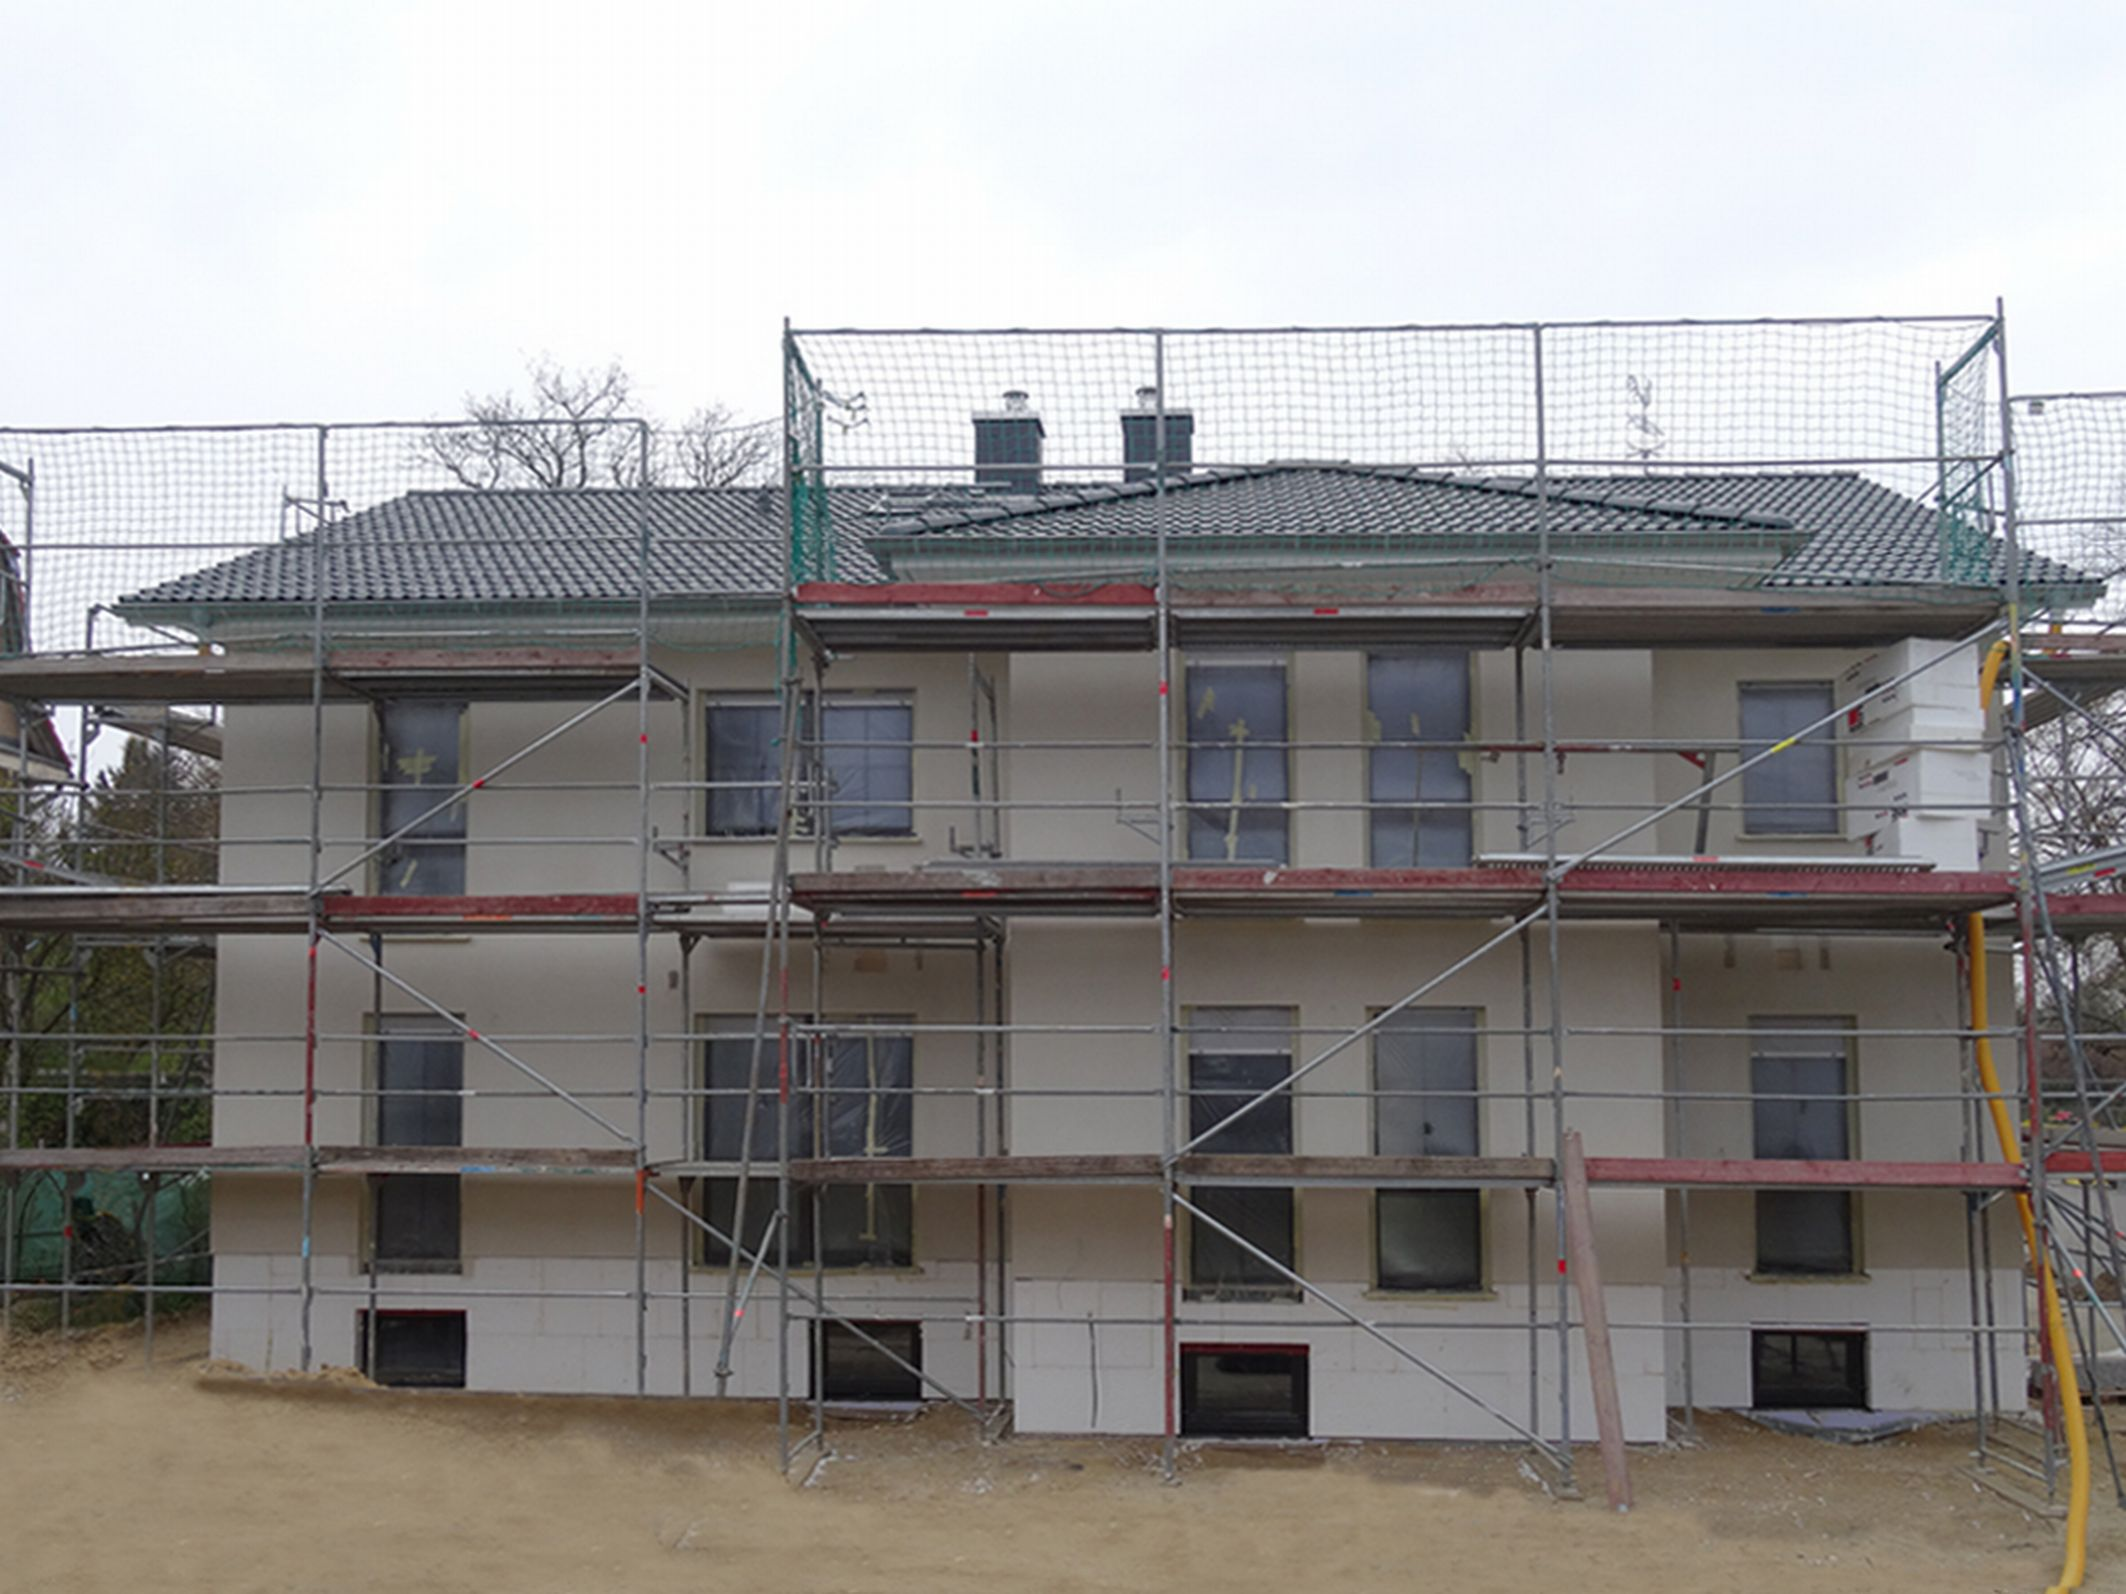 Technik-247.de - Technik Infos & Technik Tipps | Dieses Doppelhaus kann am 12. und 13. April in 12209 Berlin-Lichterfelde besichtigt werden. Foto: Roth-Massivhaus